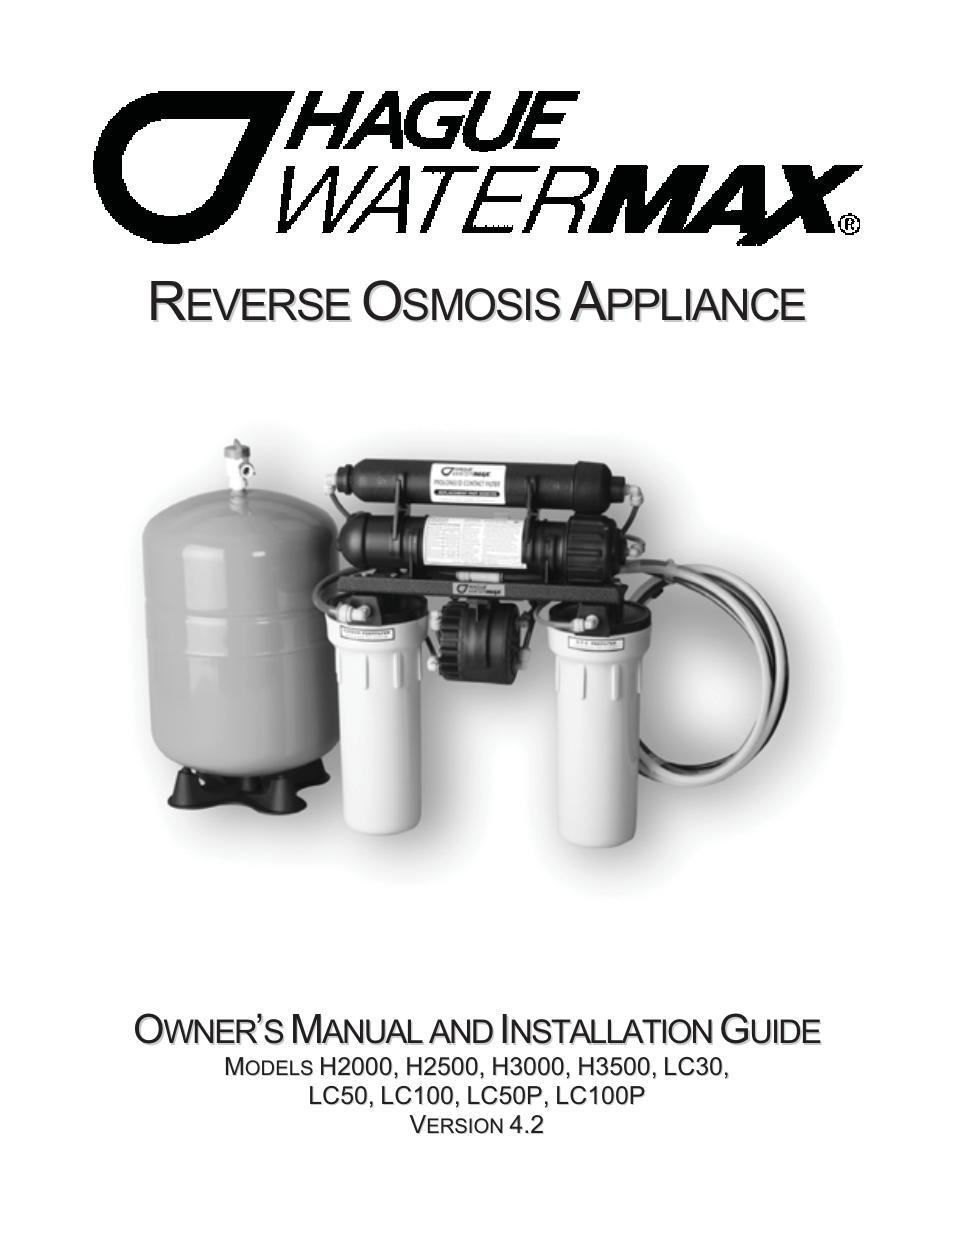 Hague Quality Water Intl Watermax Lc100p User Manual Manual Guide